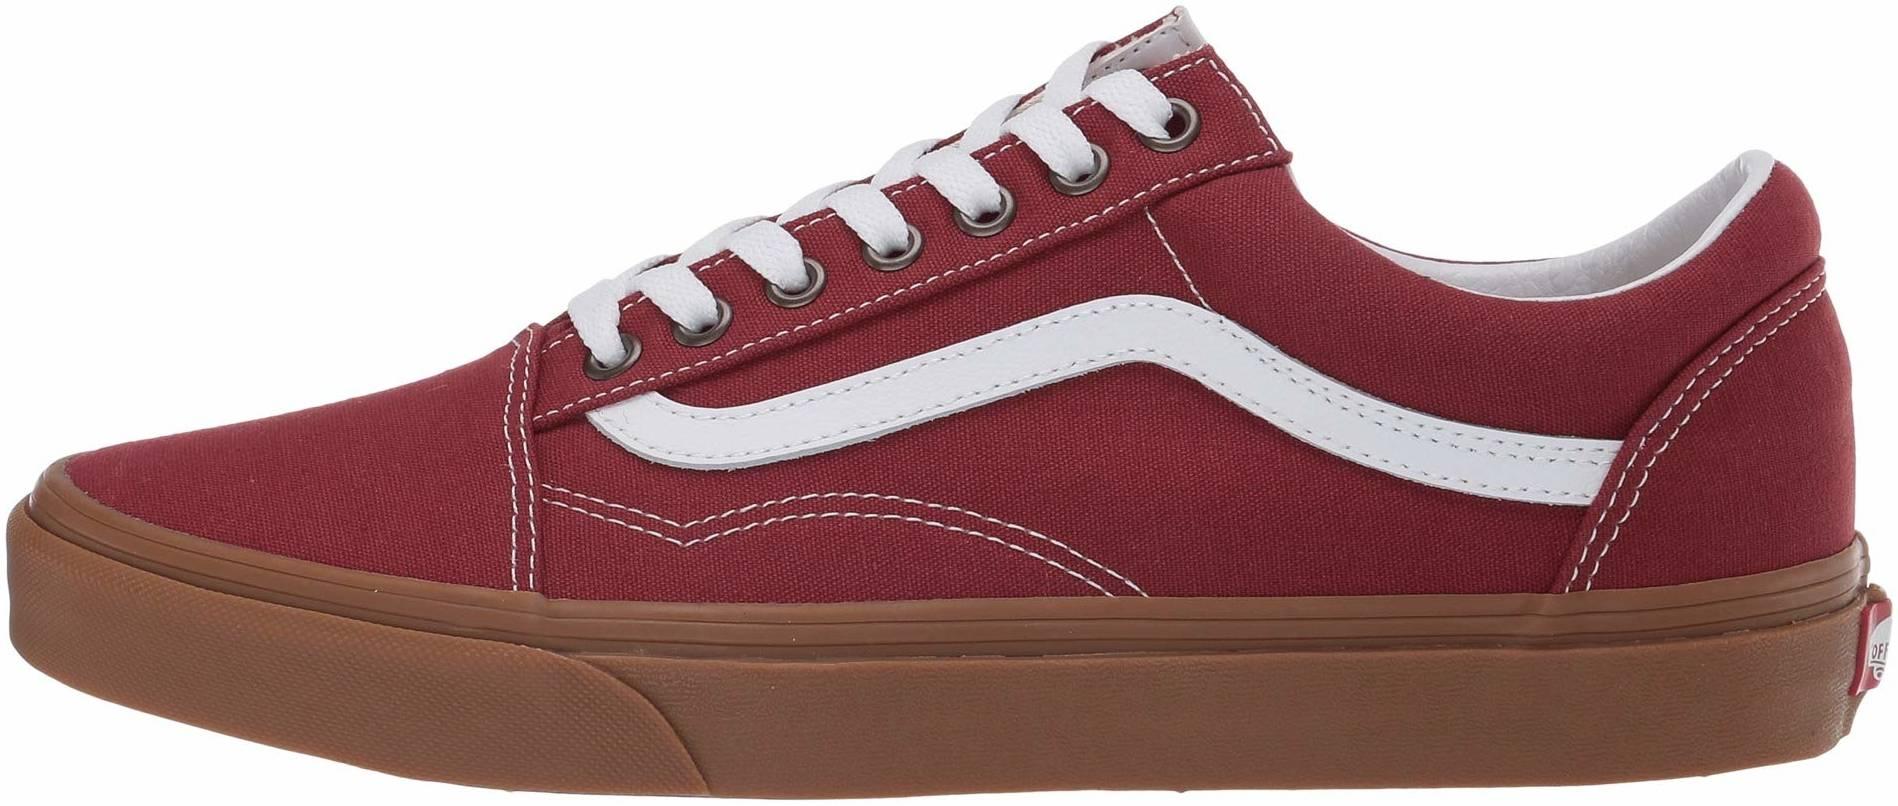 Vans Gum Old Skool sneakers in beige red (only $48) | RunRepeat